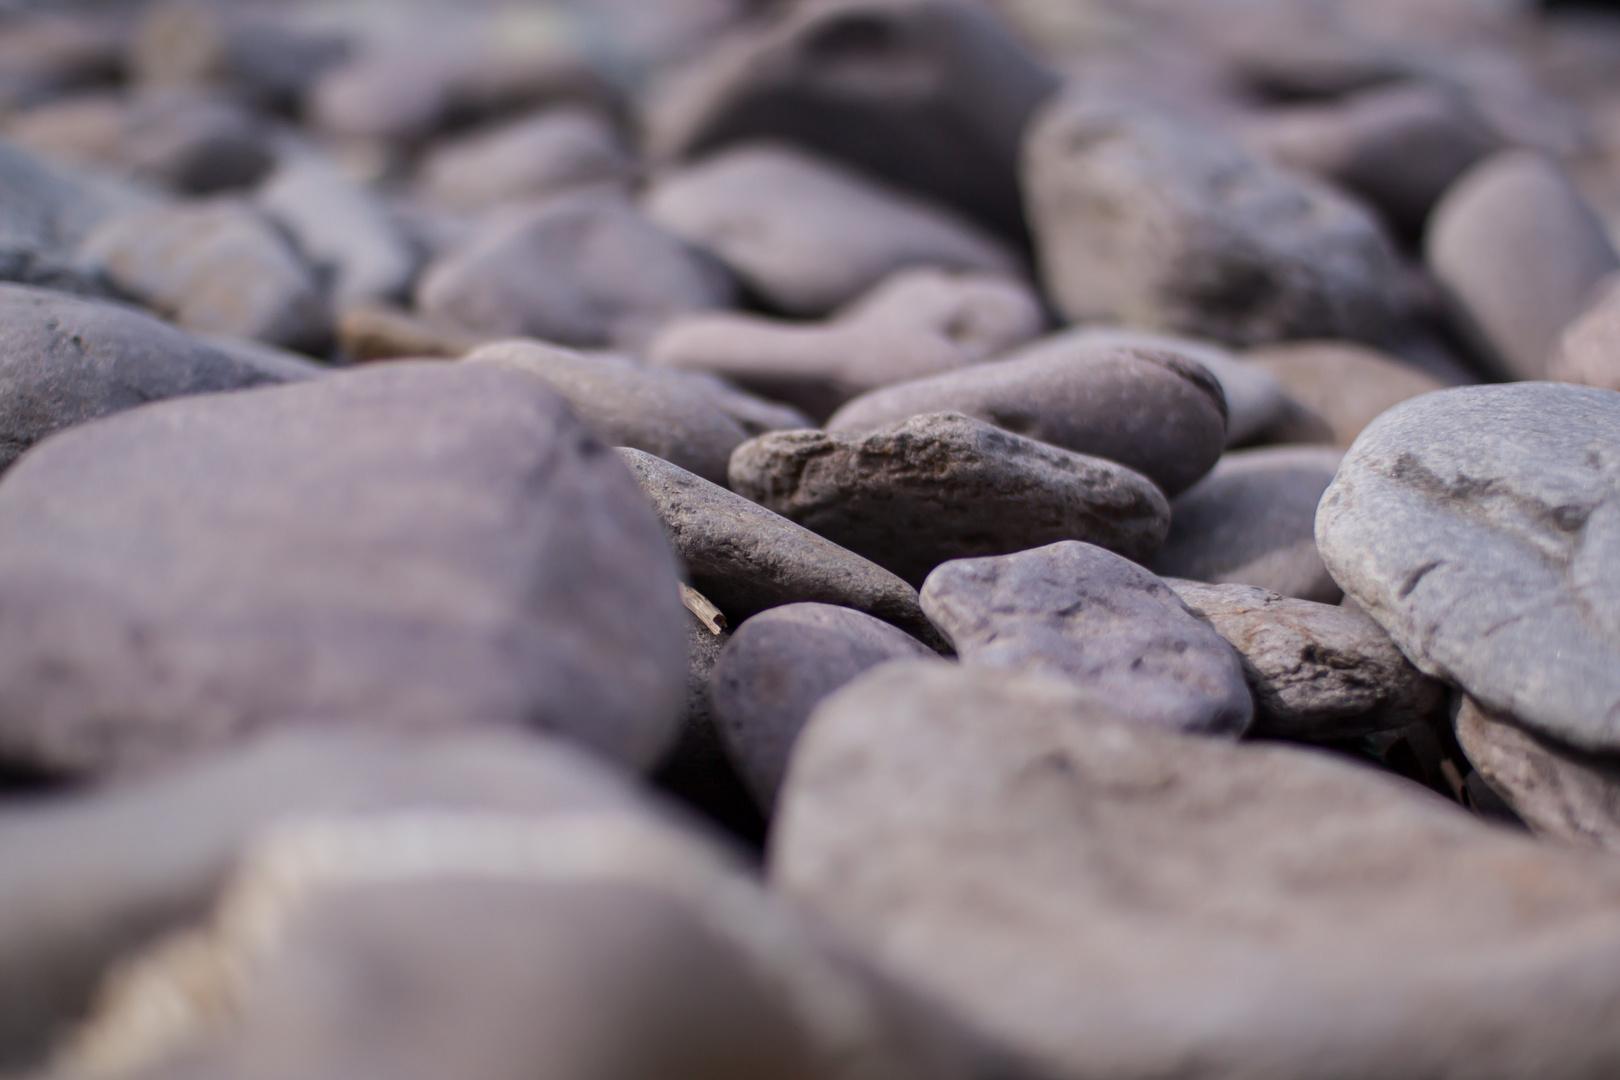 Kiesel am Strand von Waterville, Co. Kerry, Ireland